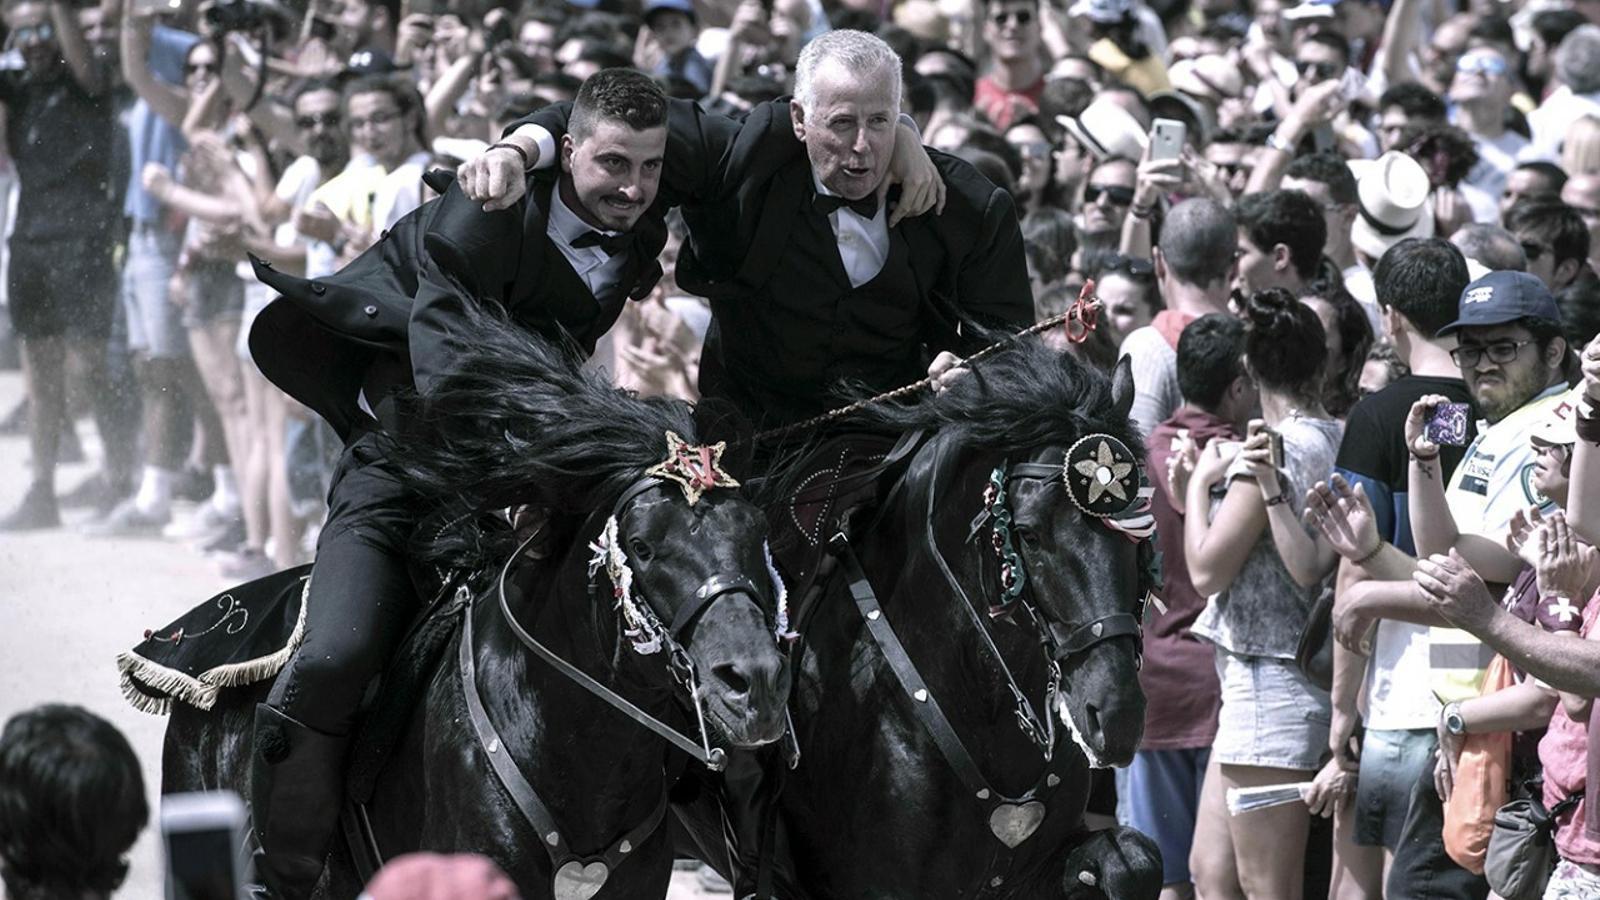 Els 'Jocs des Pla' han posat la cloenda a unes festes de Sant Joan sense incidents destacables.